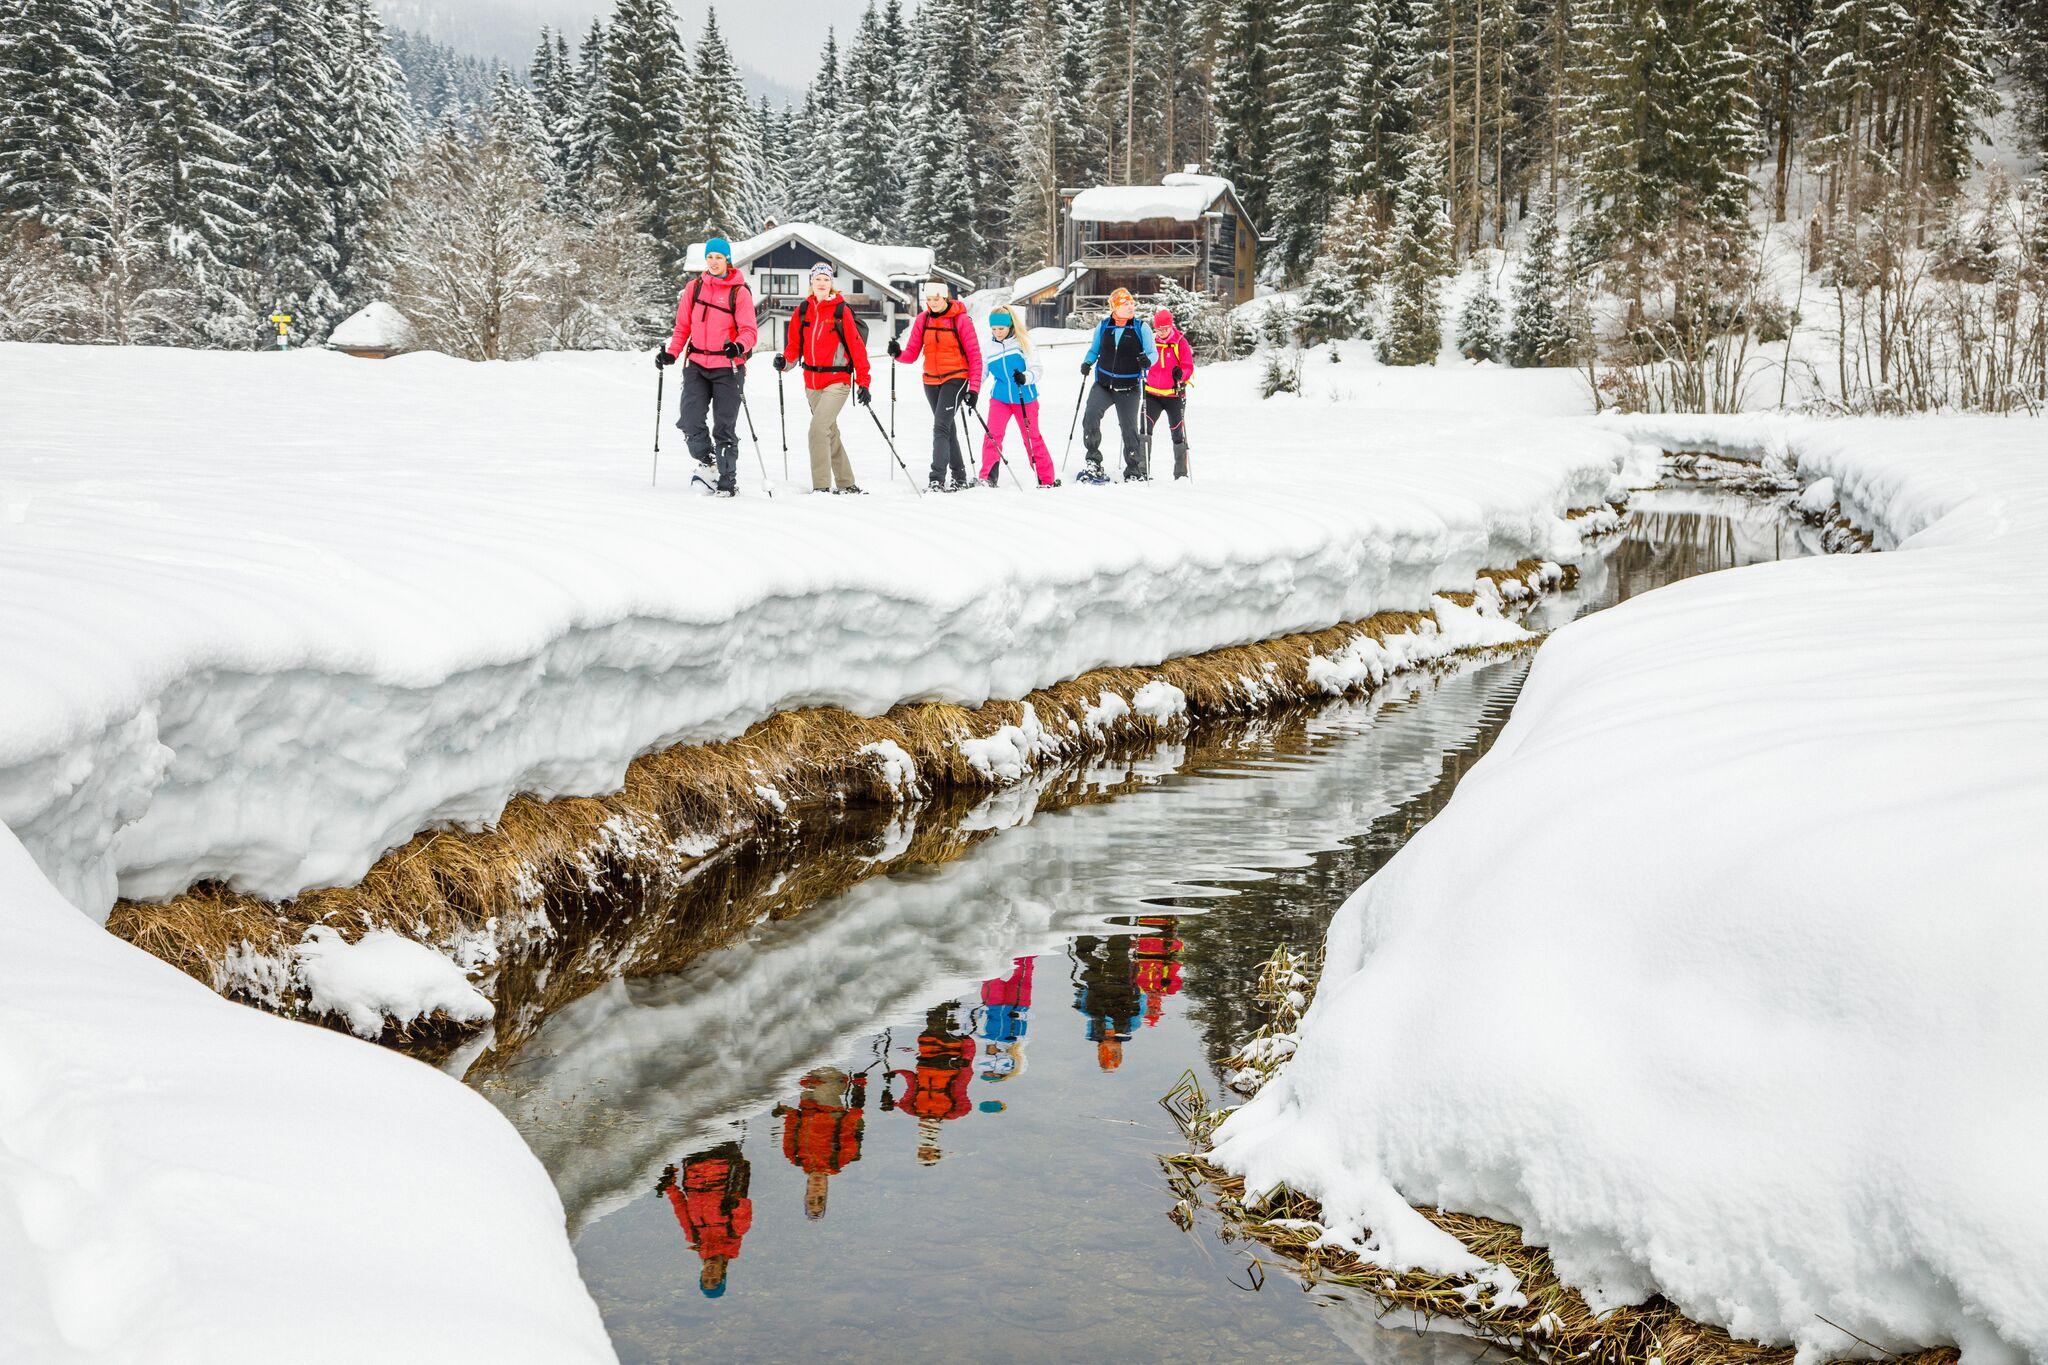 Schneeschuhtour für Fortgeschrittene mit geprüftem Bergführer